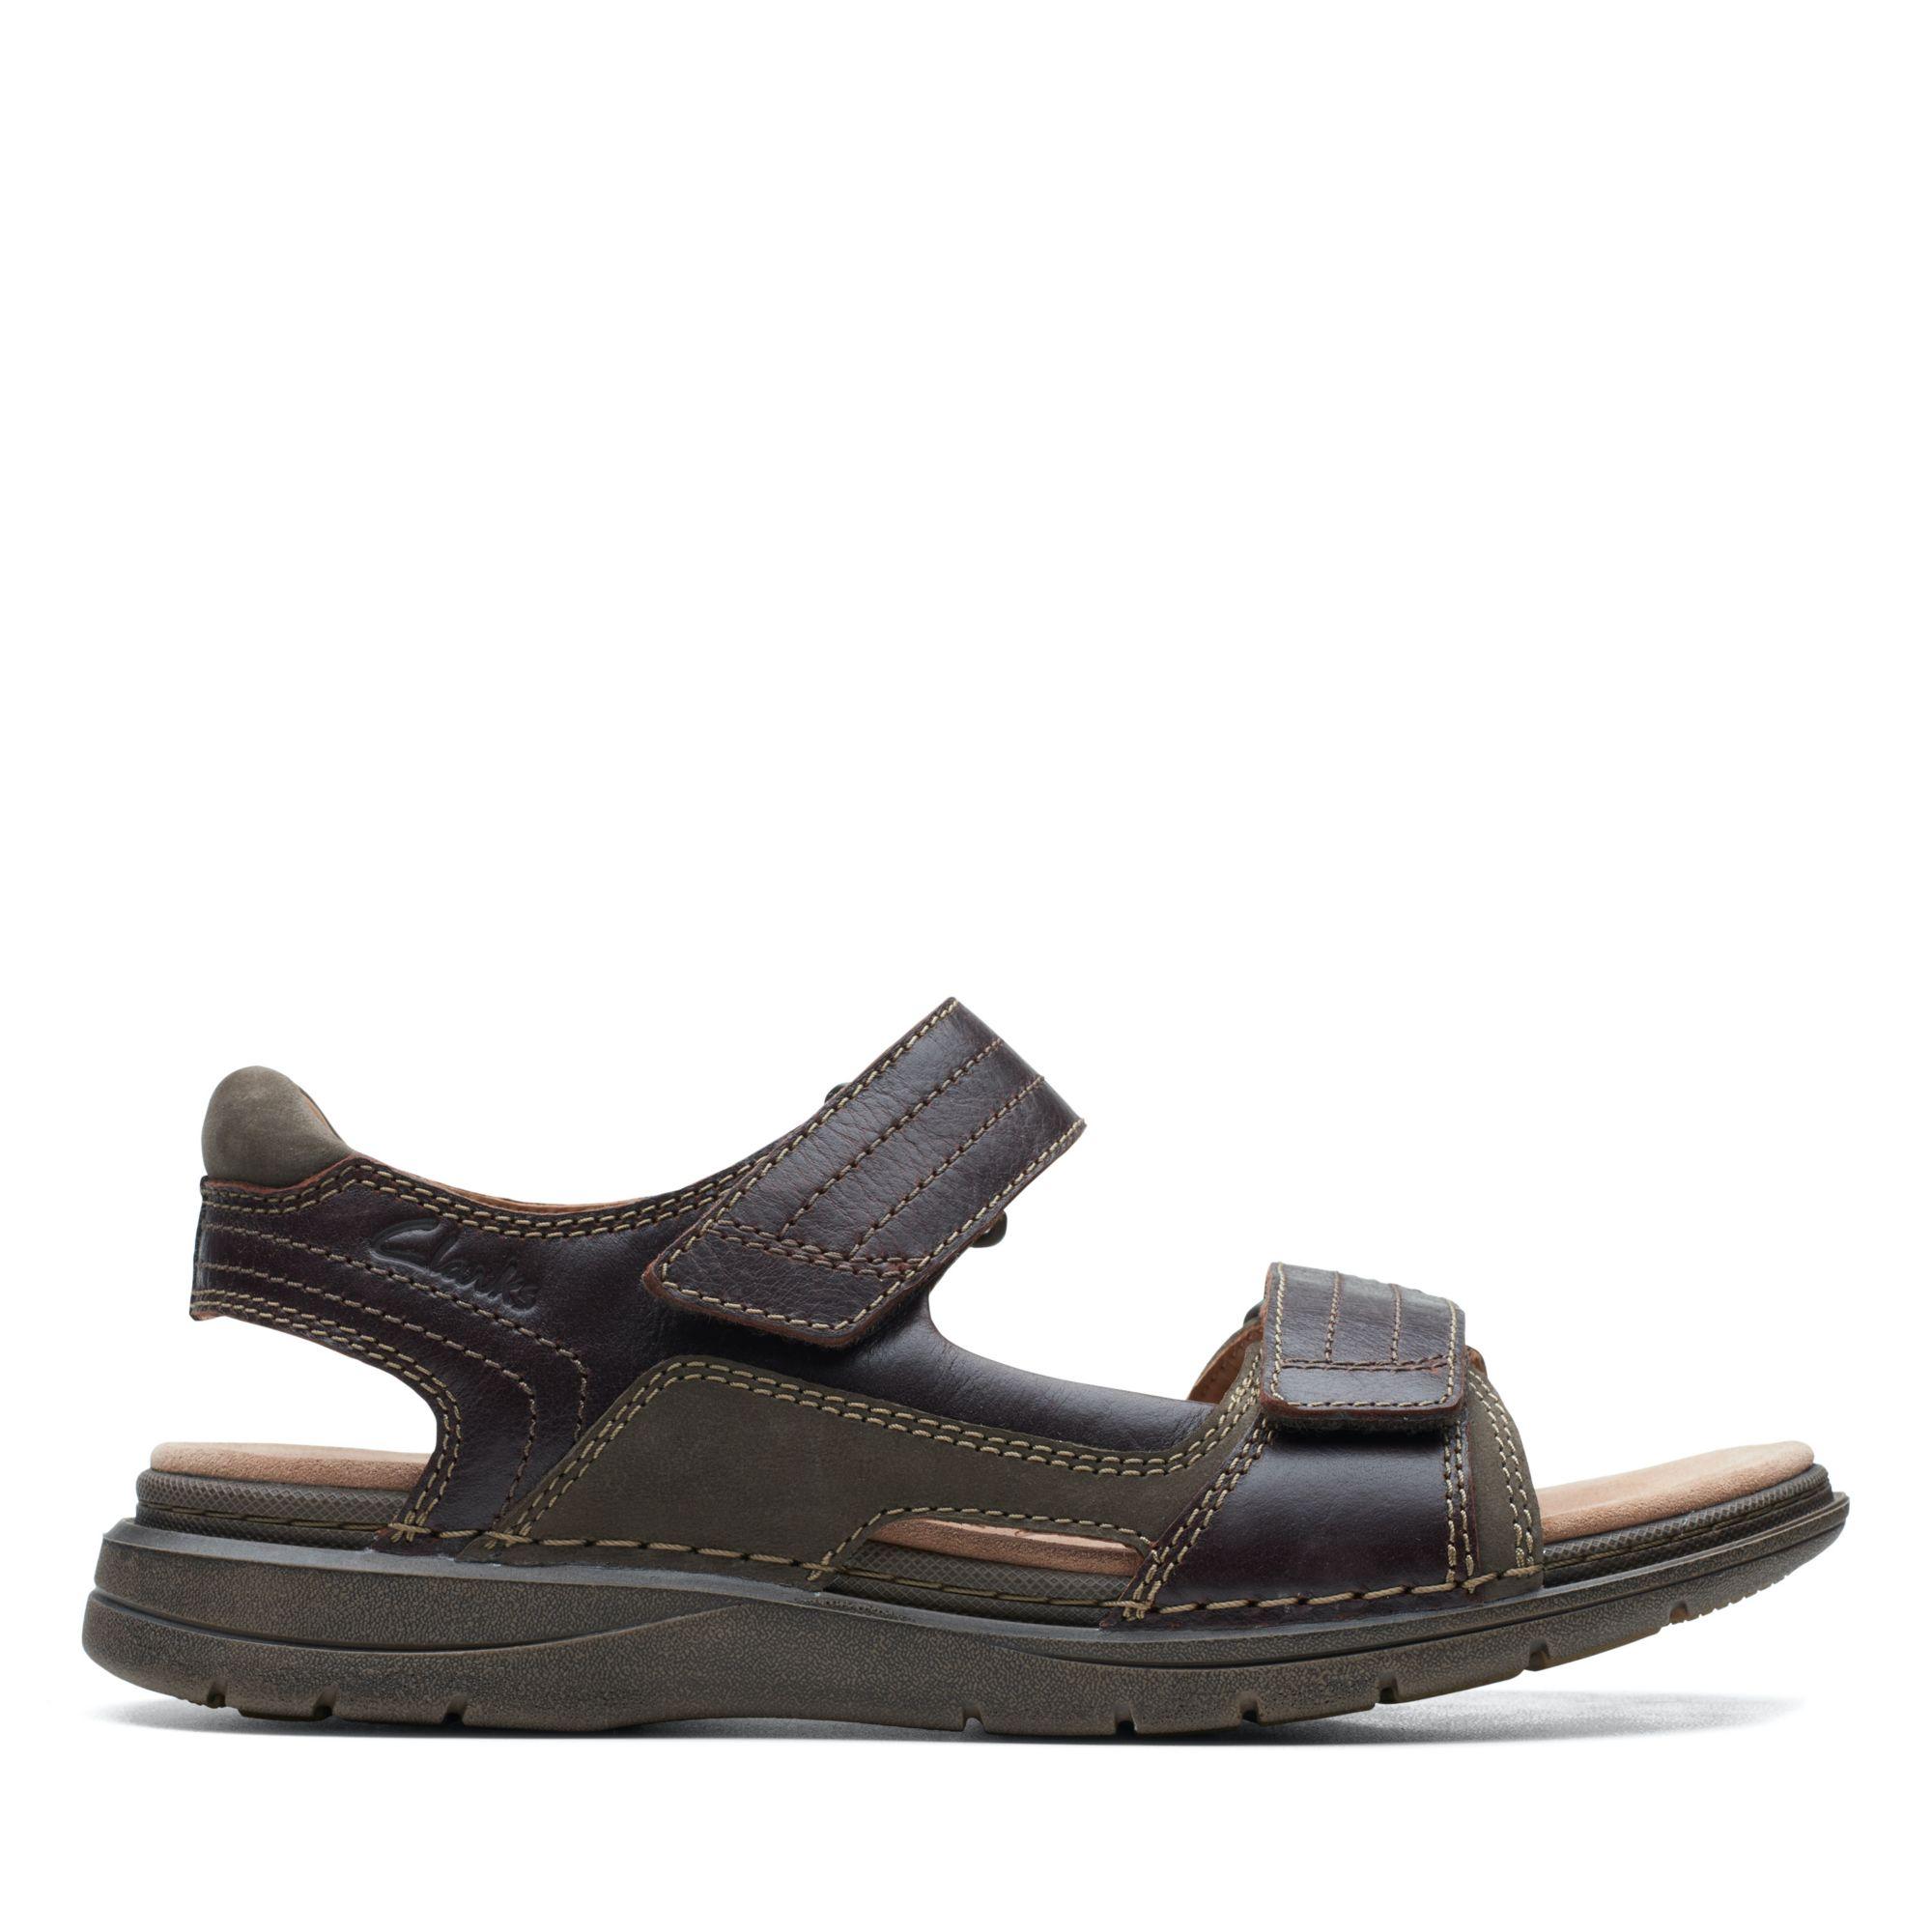 Clarks-UN自然家族-Nature Trek異材質拼接摩鬼氈設計涼鞋(紅褐色)